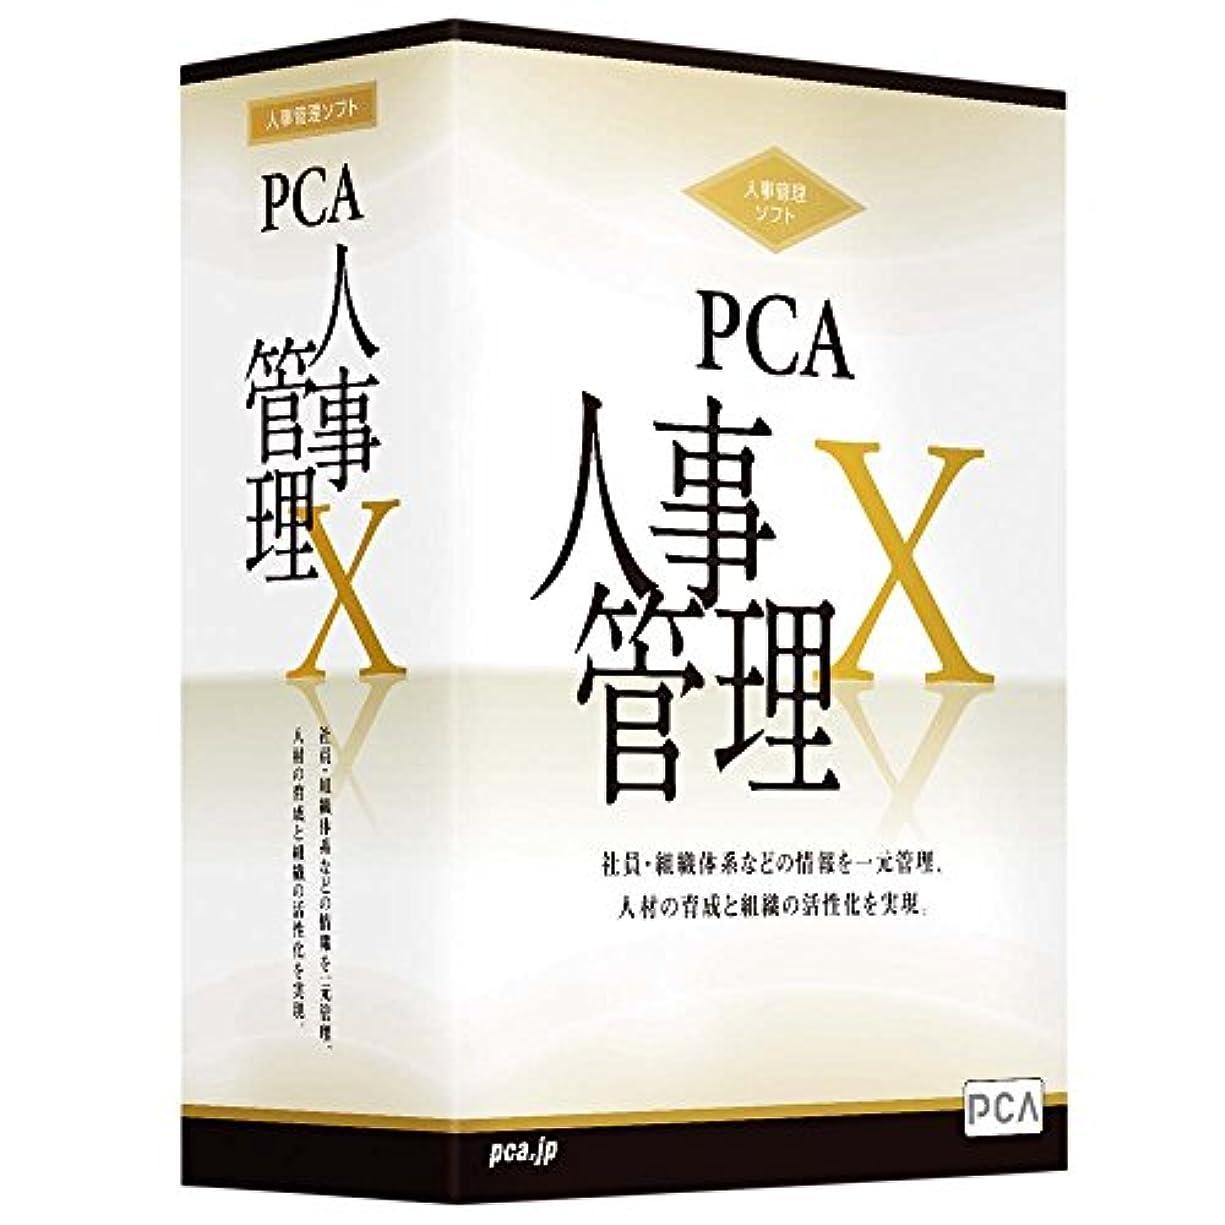 聖なる機動枕PCA人事管理X with SQL 10クライアント